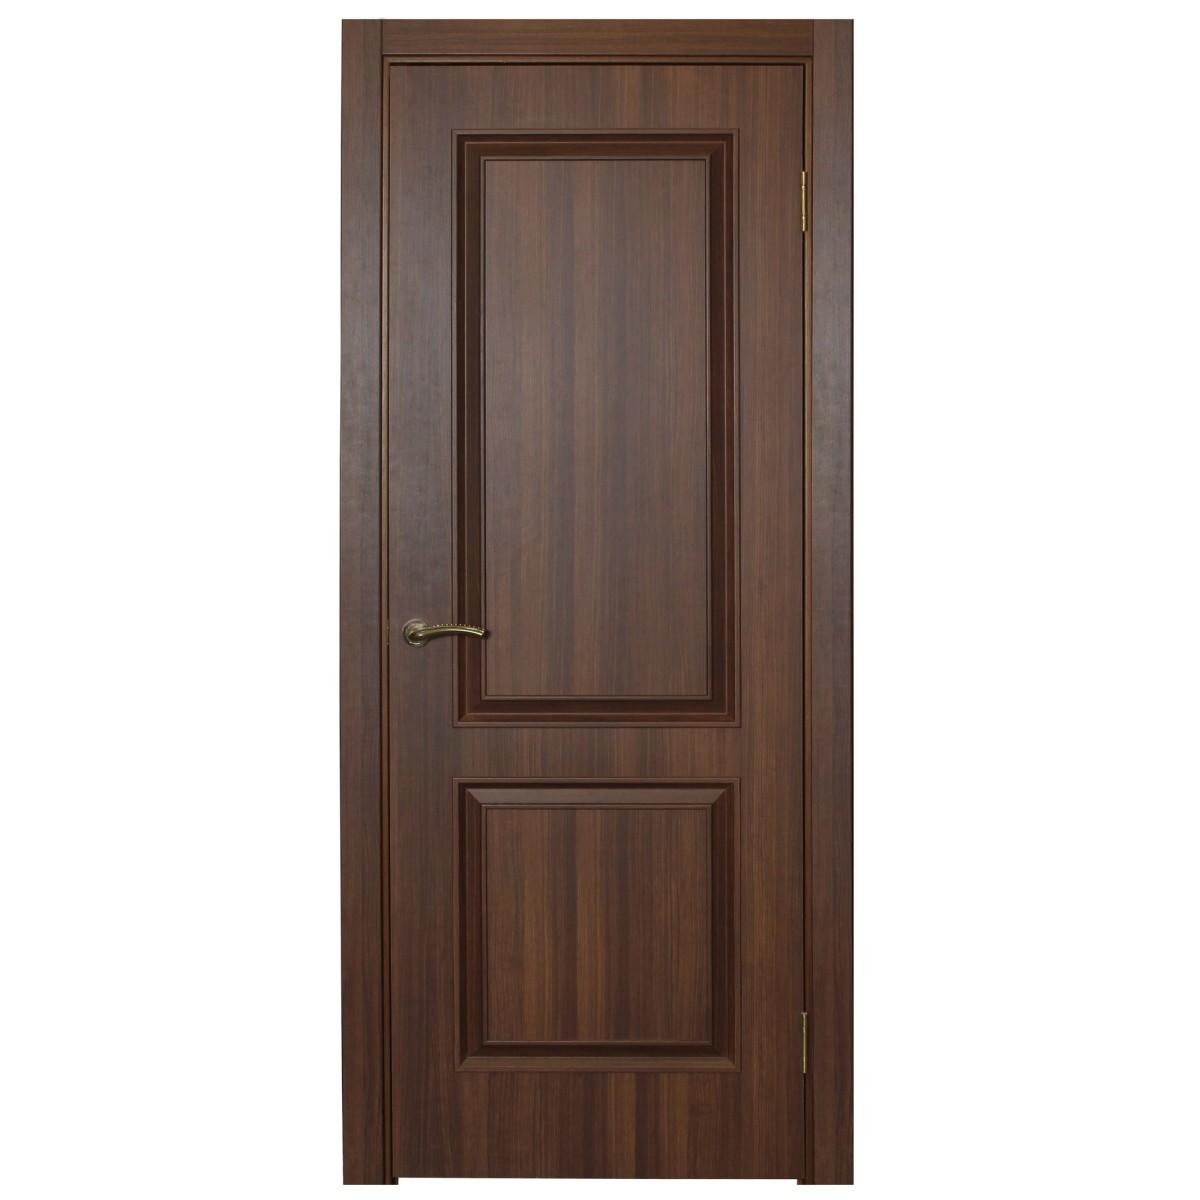 Дверь Межкомнатная Глухая Ventura 60x200 Пвх Цвет Золотой Орех